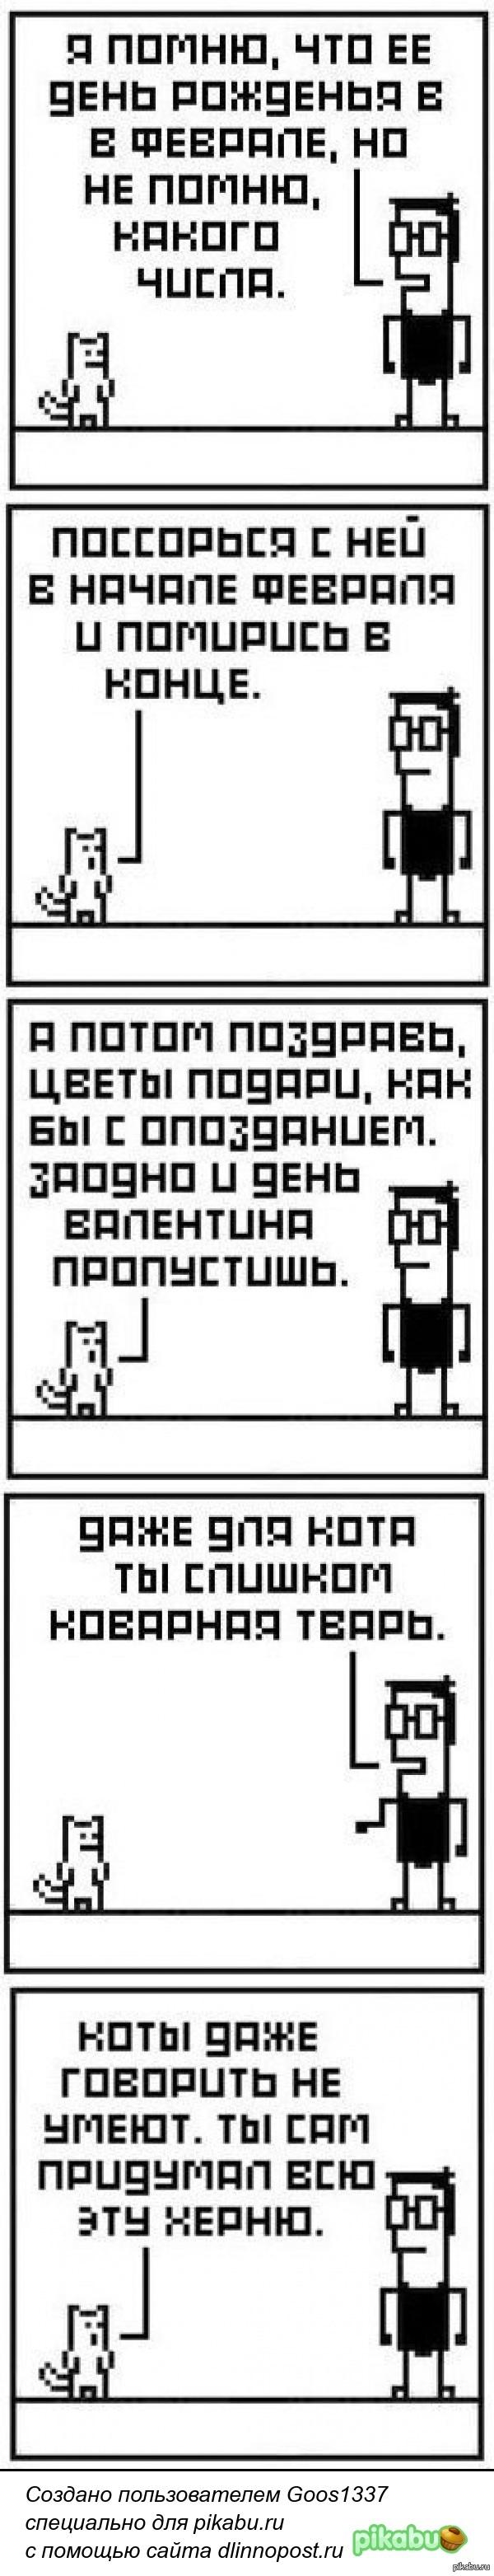 Котик в помощь